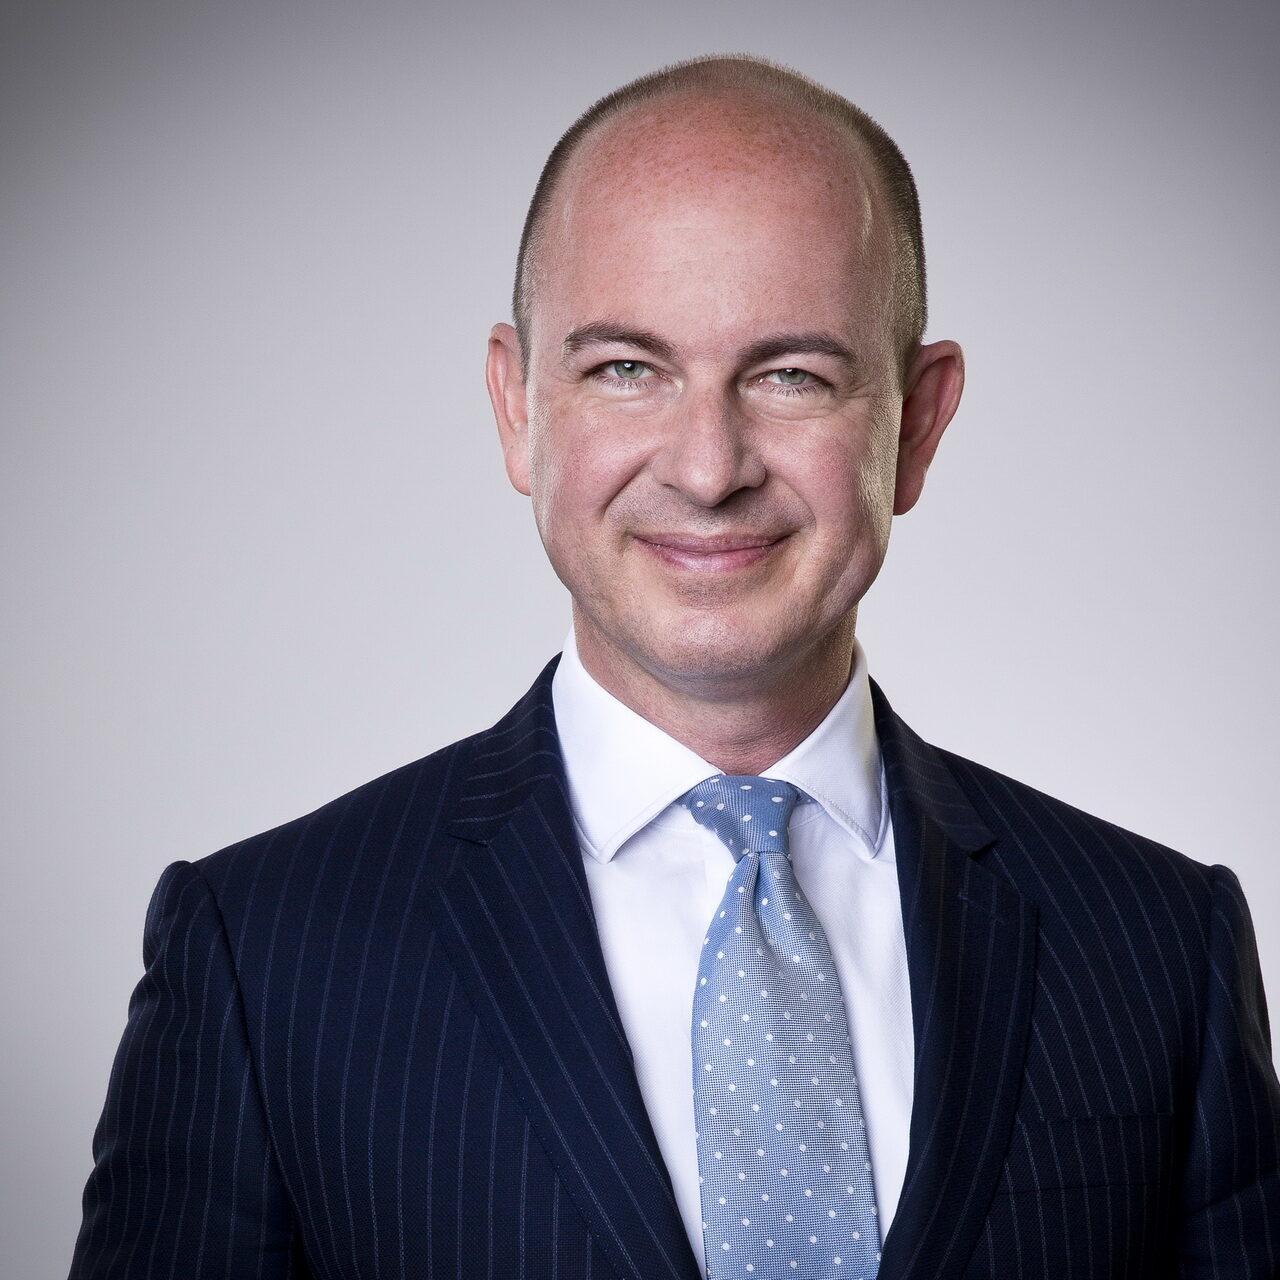 Gmeineder tritt in Schroder Real Estate-Geschäftsführung ein